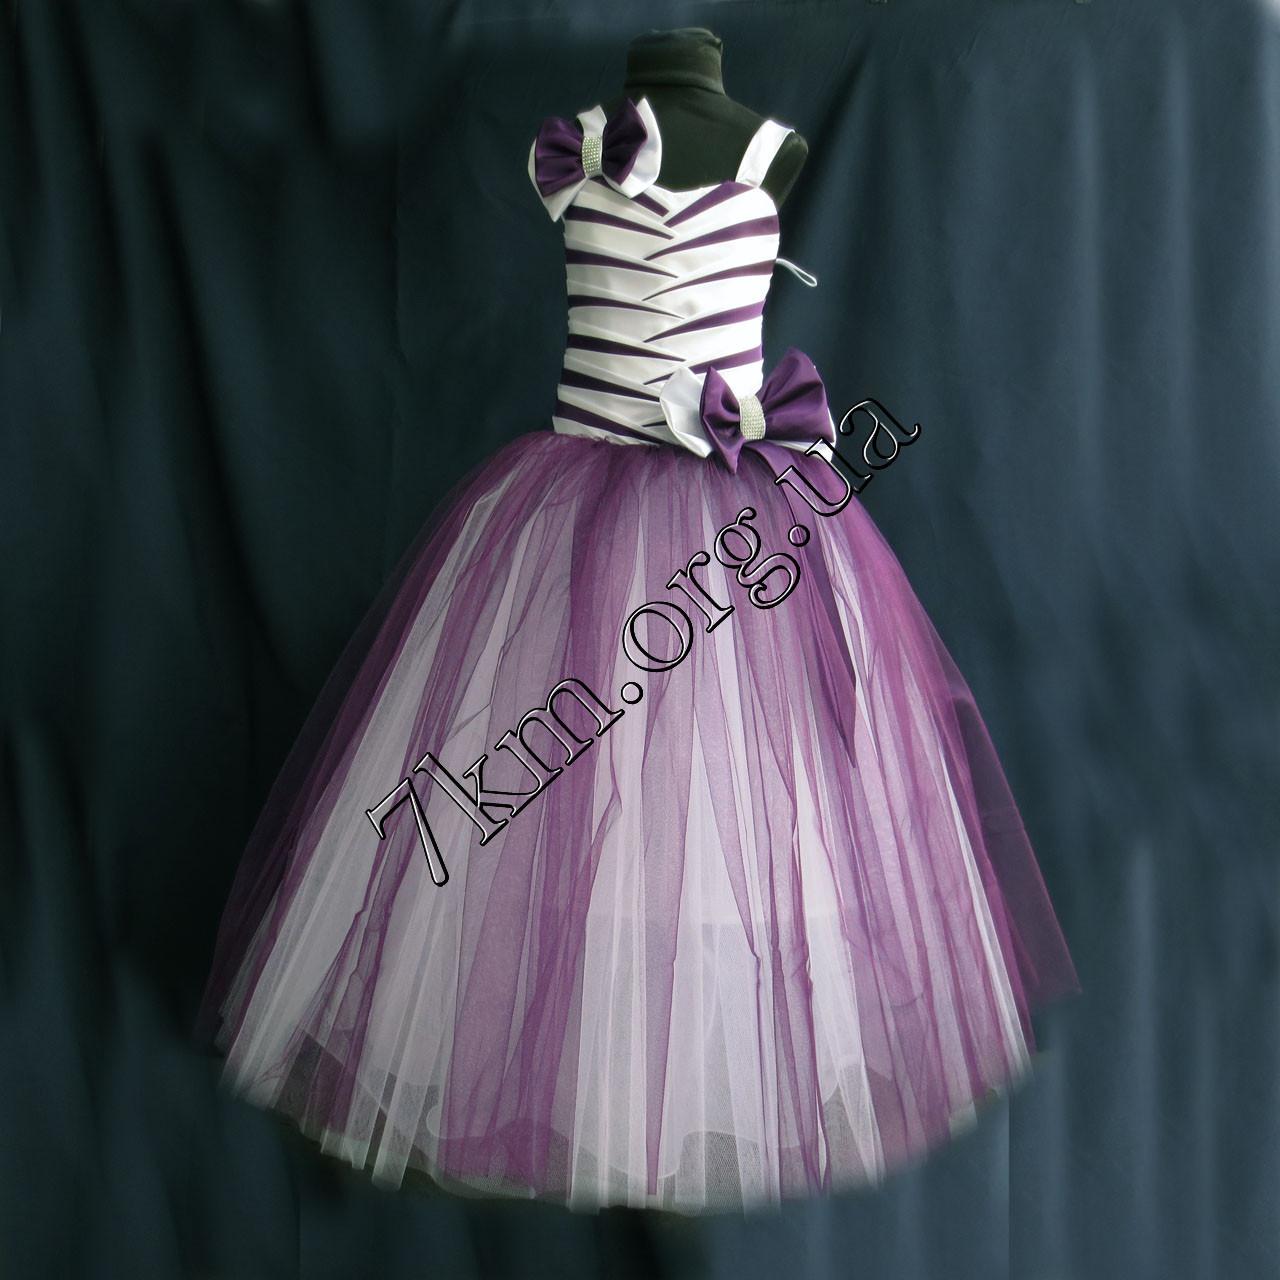 Платье нарядное бальное детское 6-7 лет Полоски фиолет Украина оптом.